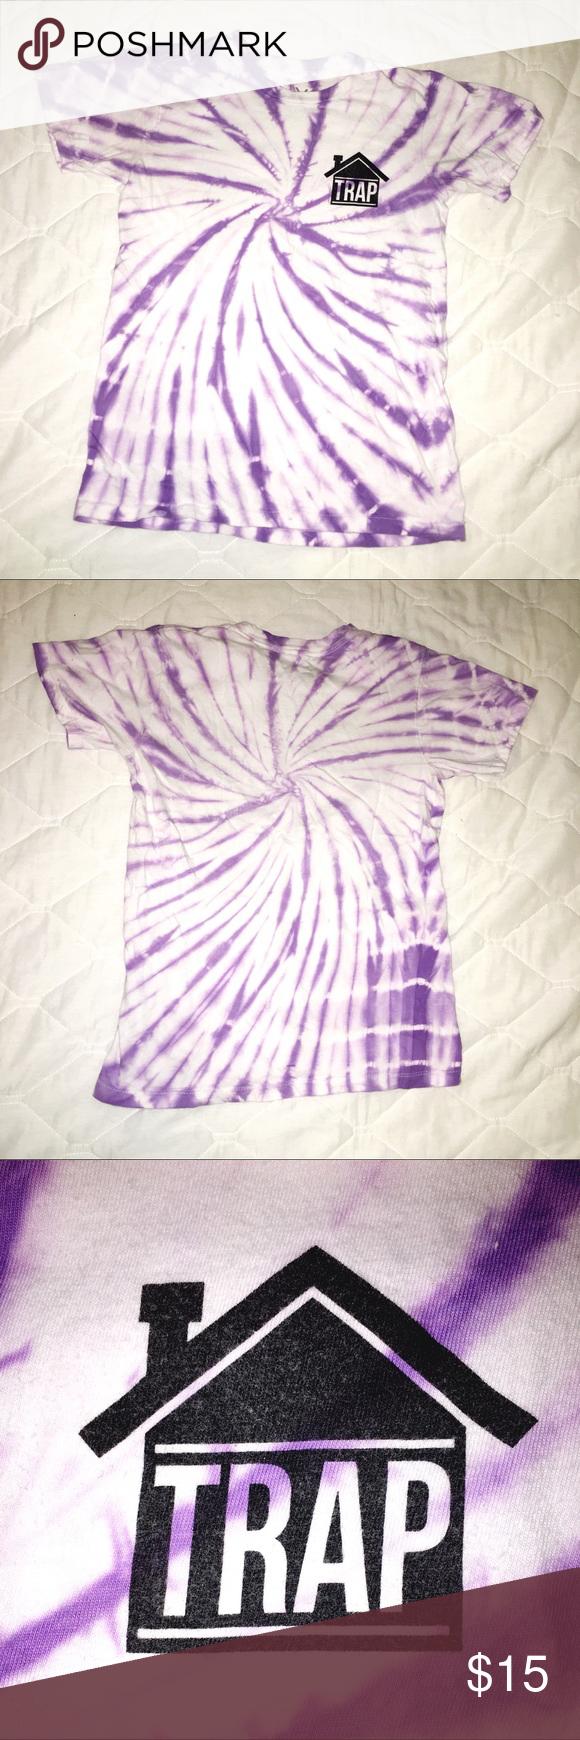 Purple And White Tiedye Women S Small T Shirt Purple Tie Dye Women